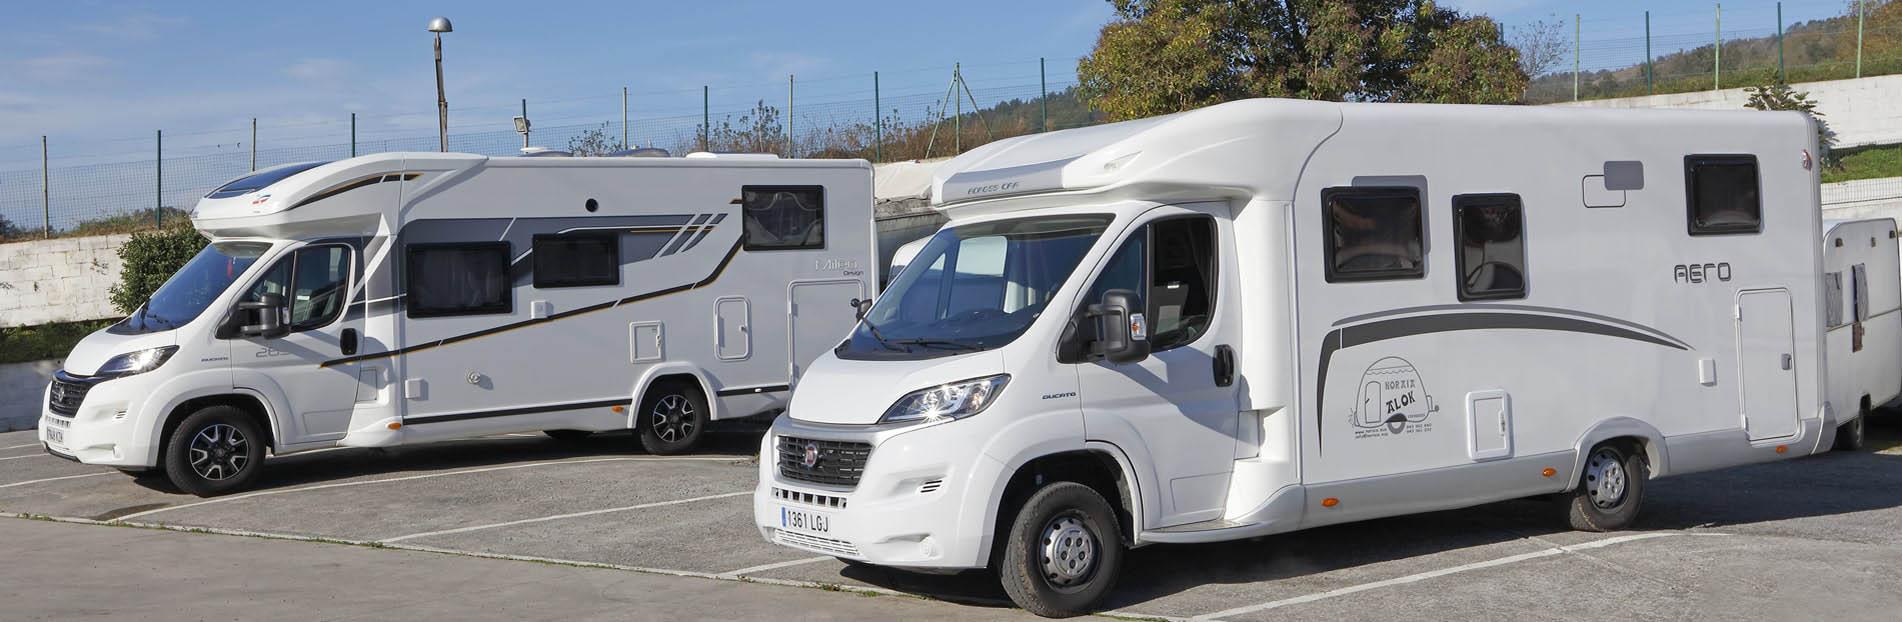 Alquiler y venta de caravanas y autocaravanas, contamos con parking videovigilado 24h